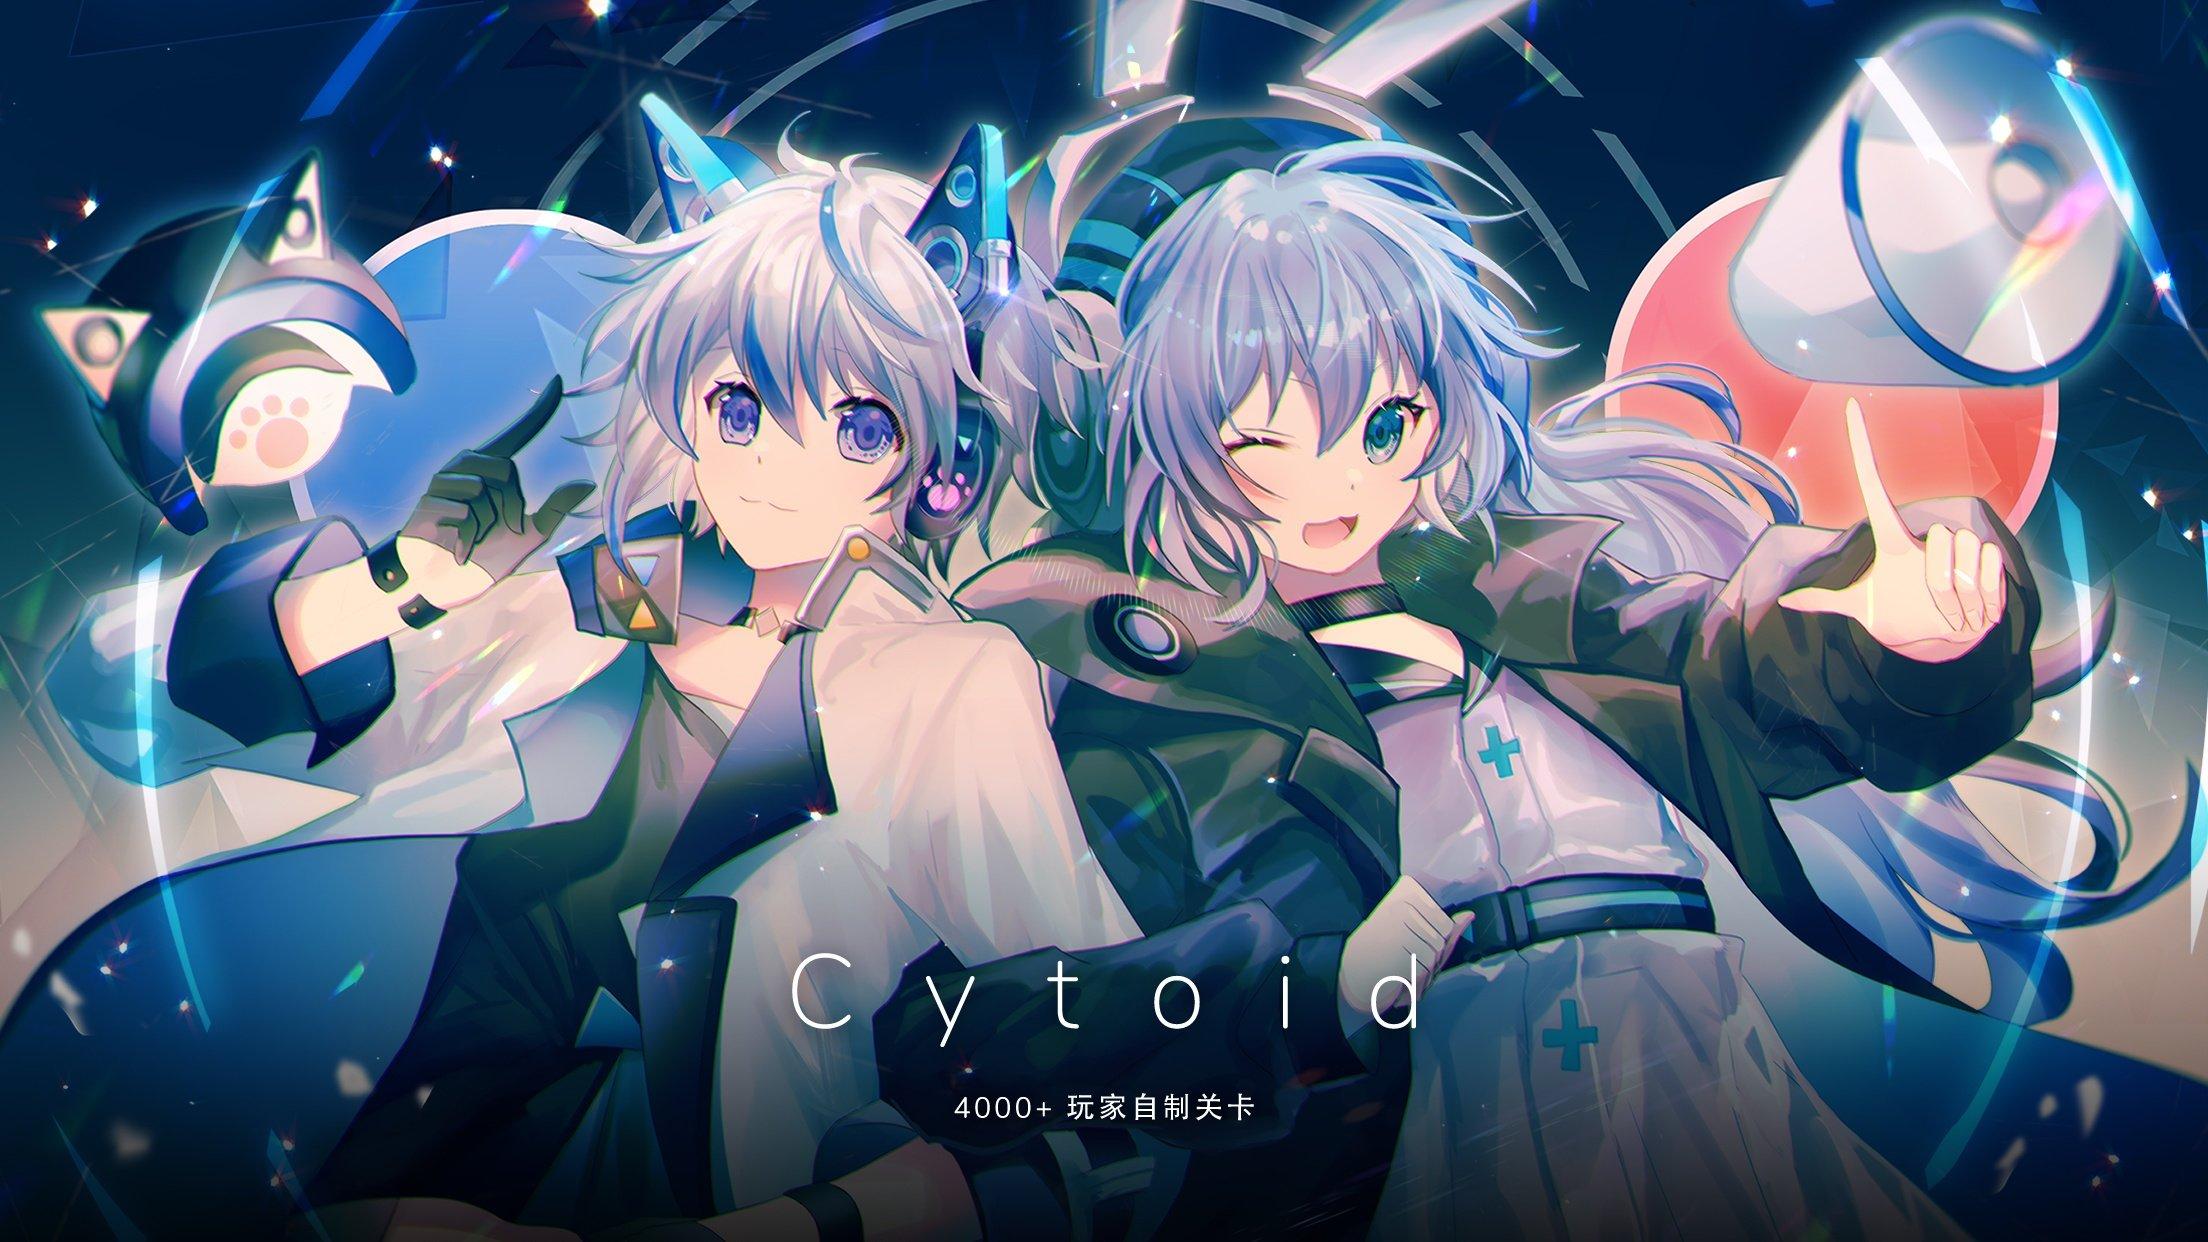 cytoid官方